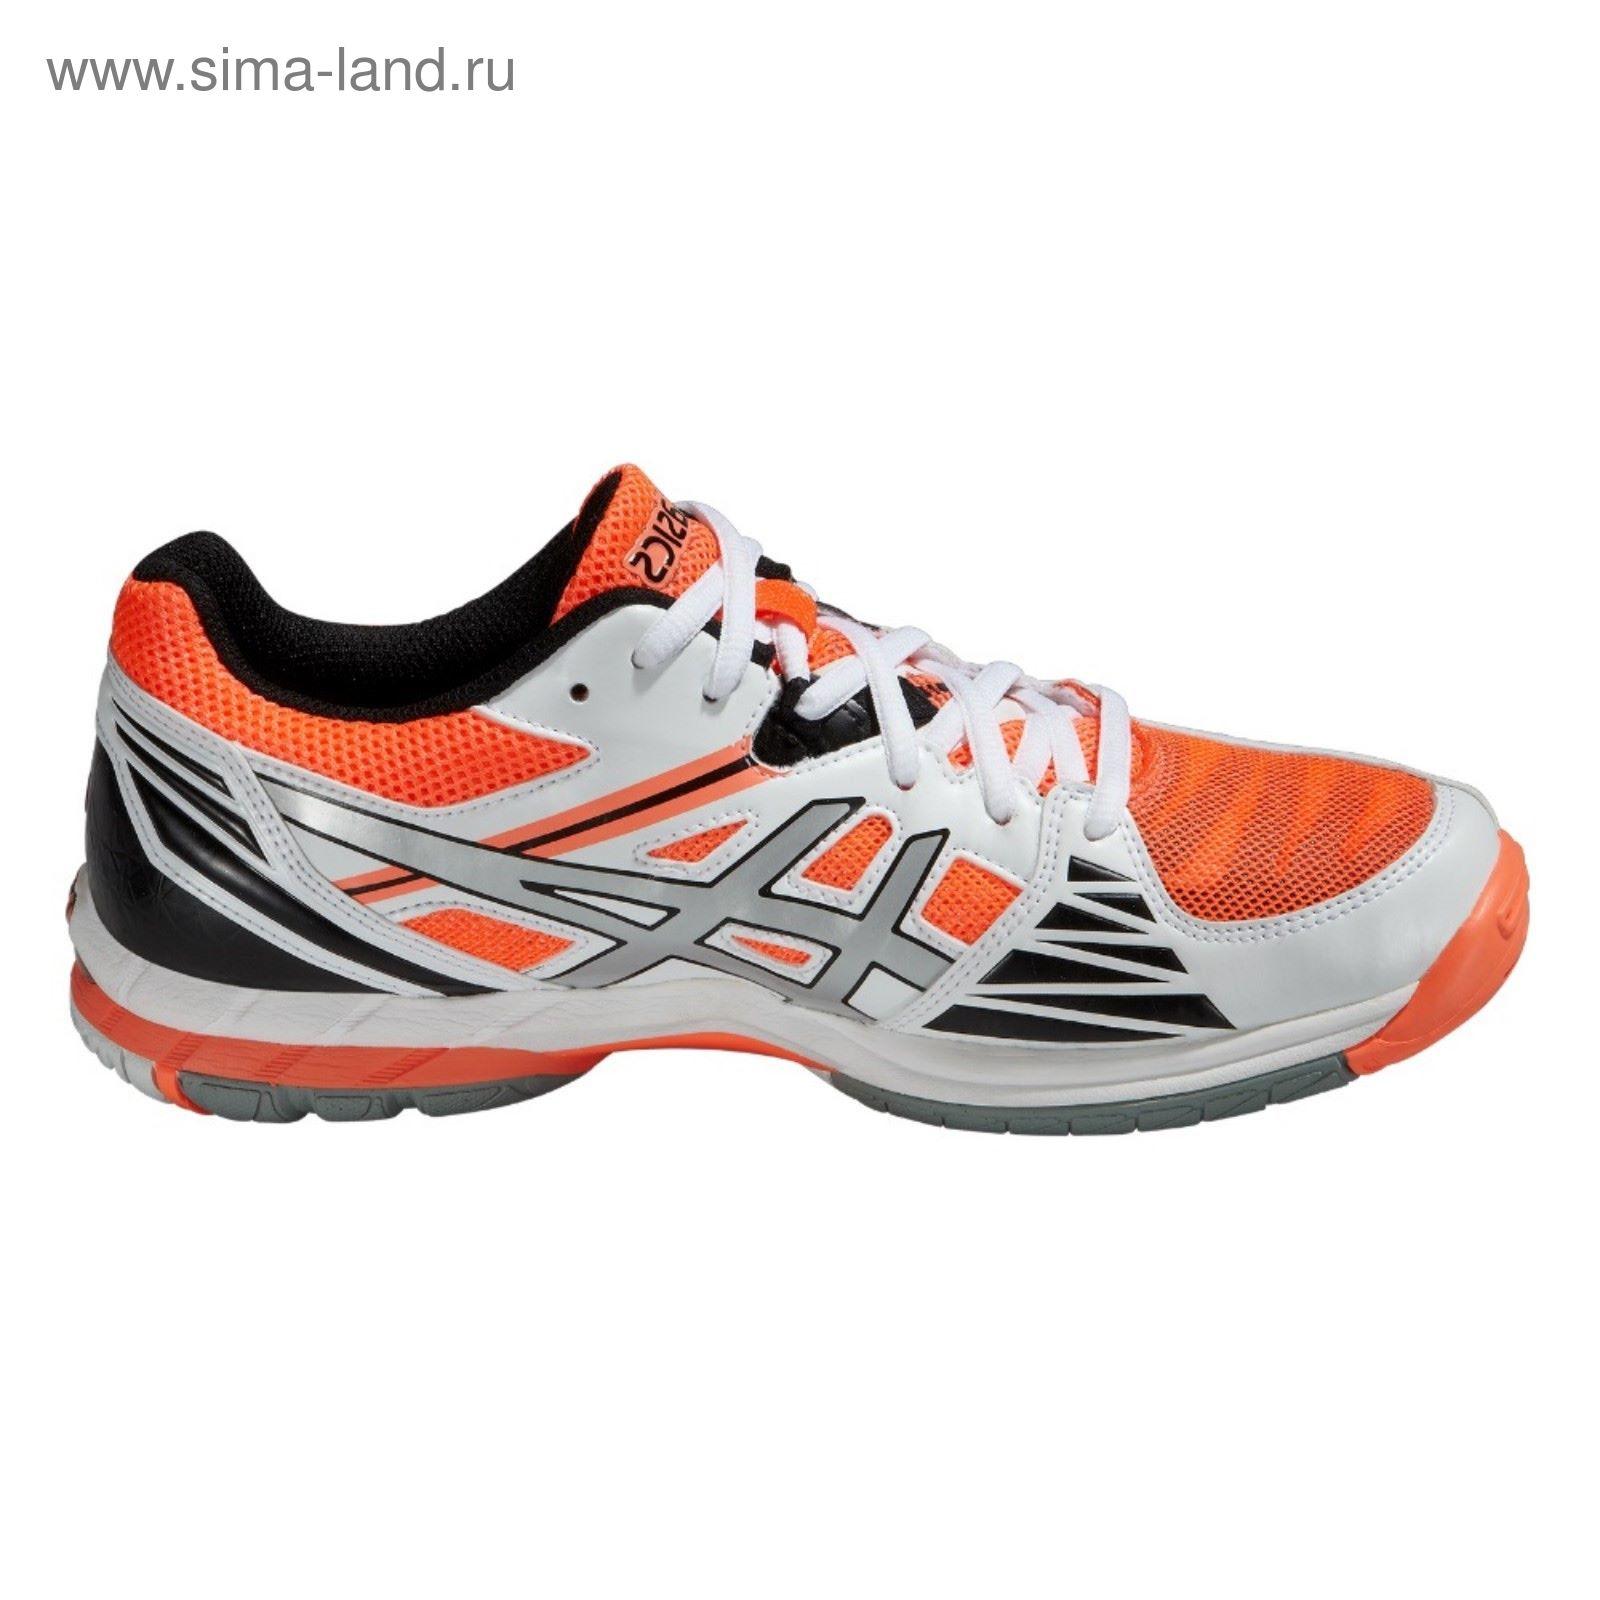 dbe9387e Кроссовки волейбольные женские Asics, B550N 0193, Gel-volley elite, размер 8